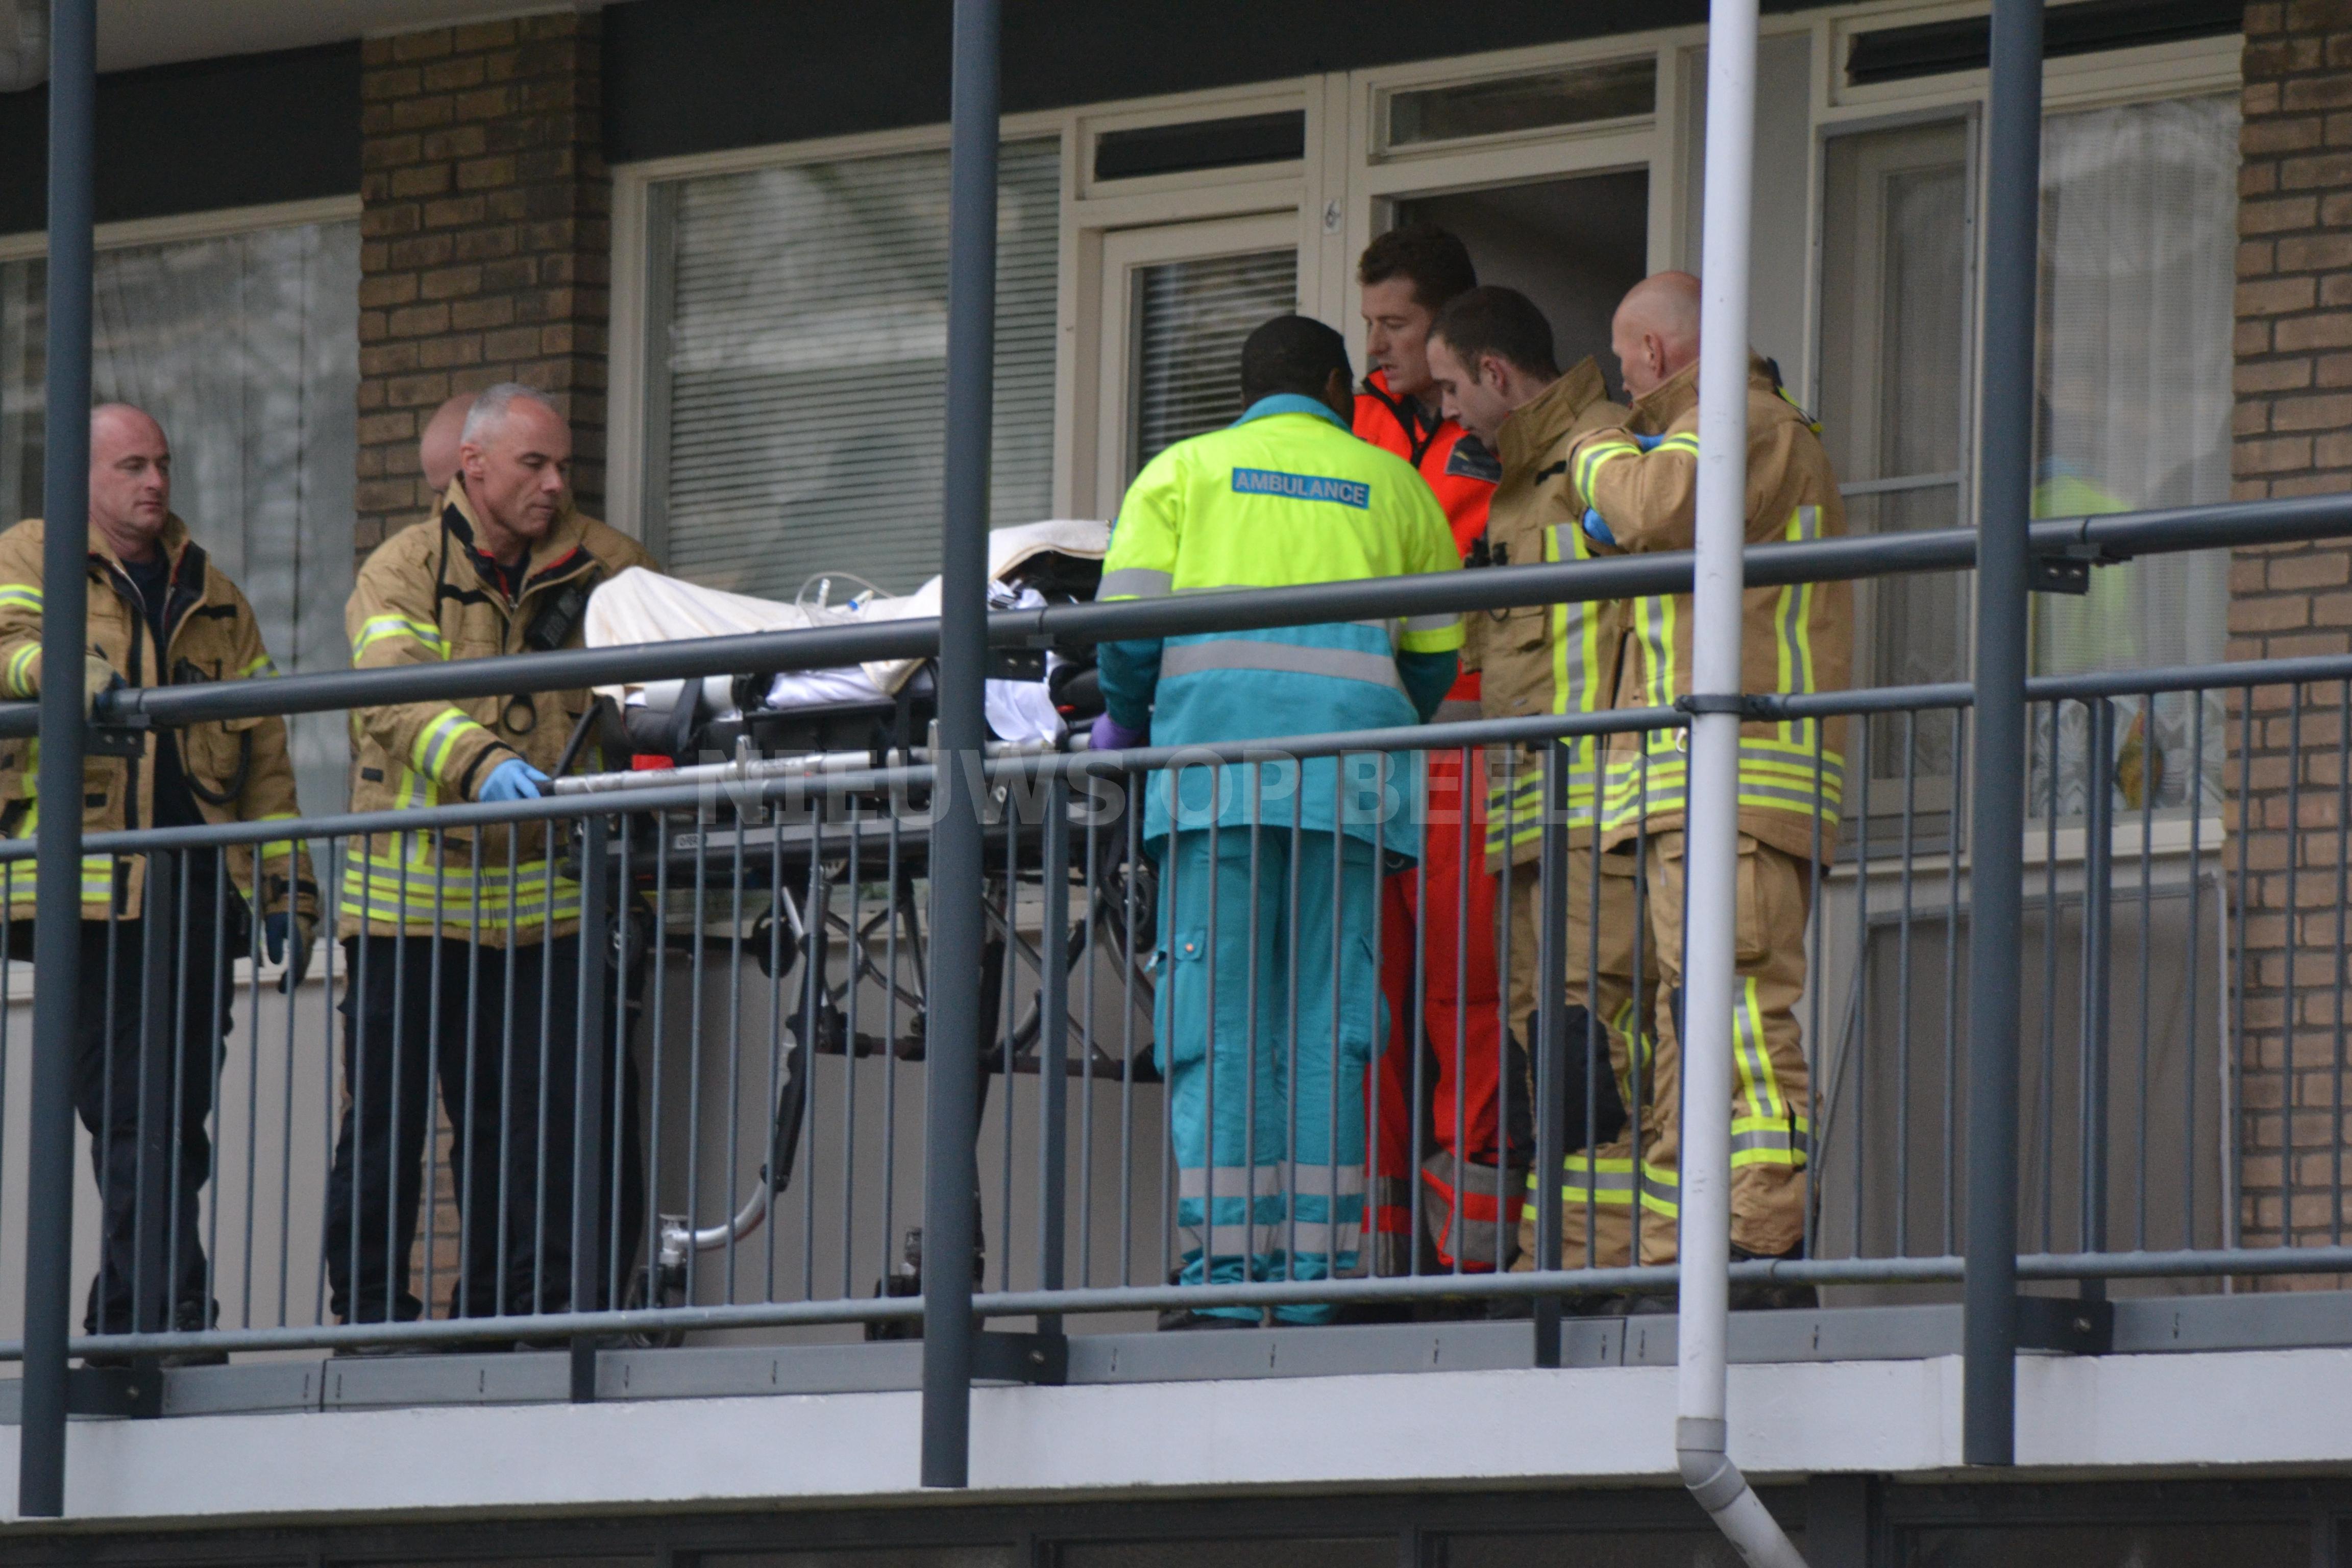 Man in kritieke toestand naar het ziekenhuis na uitdroging Madernastraat Rotterdam